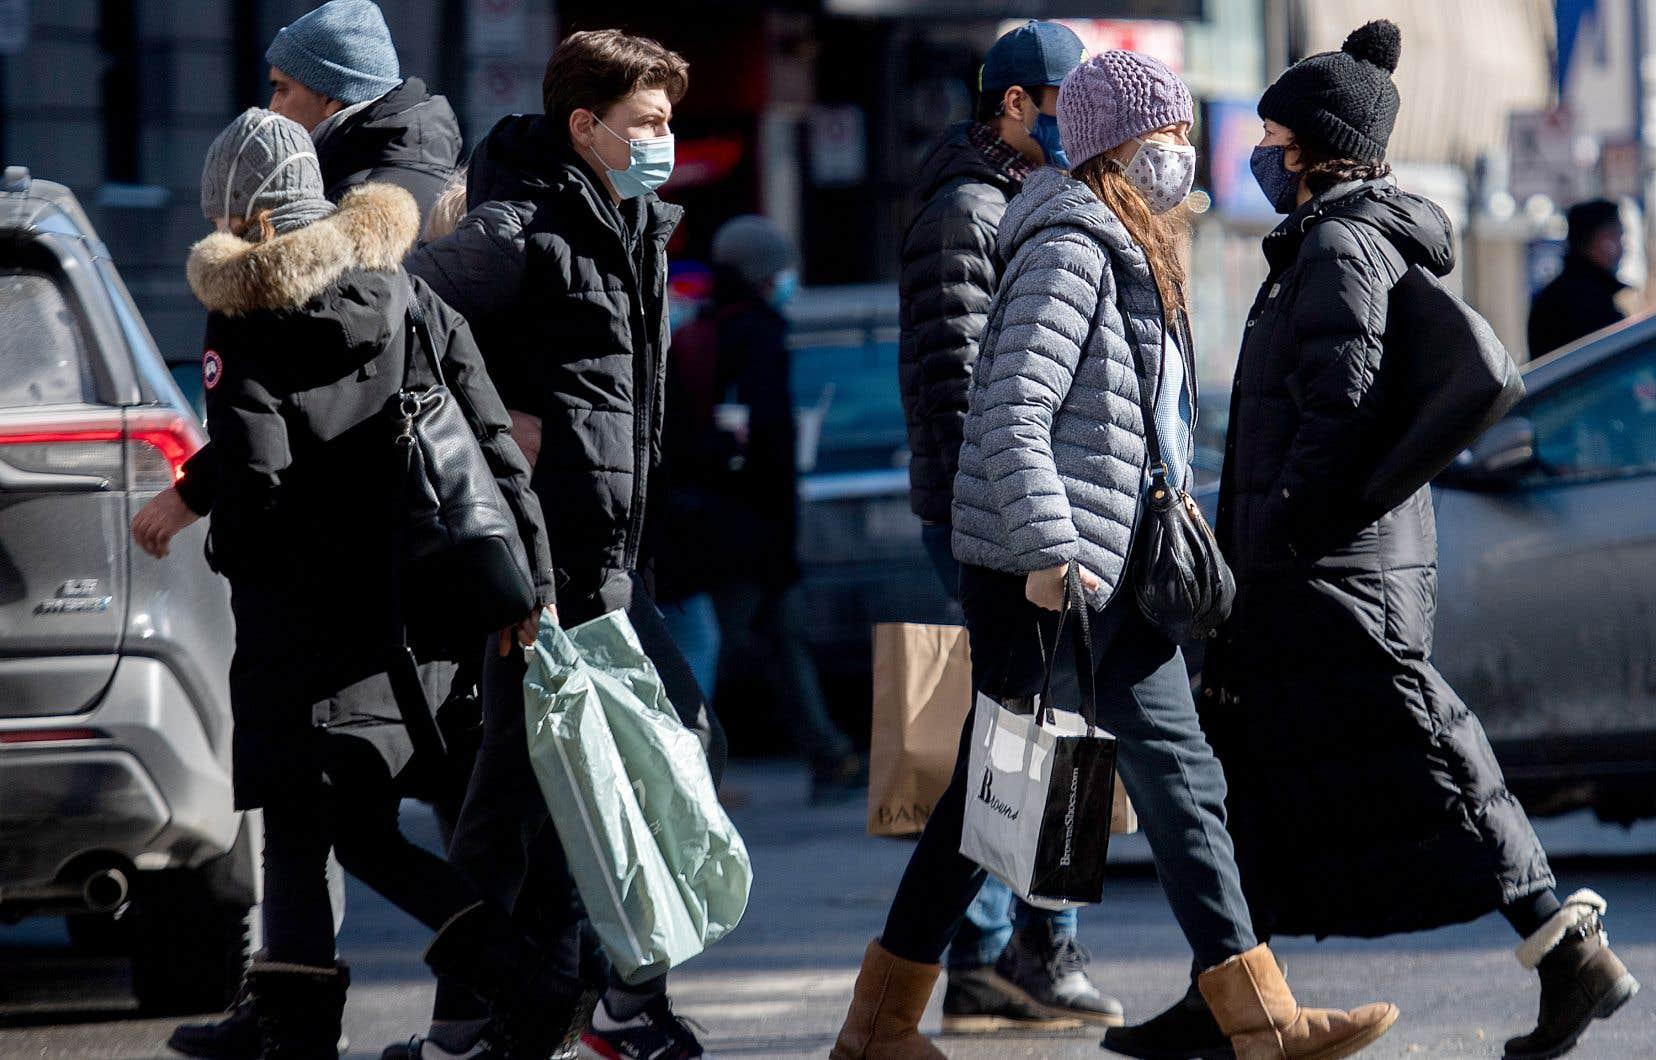 Un «certain plateau» dans le nombre de nouveaux cas quotidiens a été atteint dans la métropole, selon la directrice régionale de santé publique de Montréal, la Dre Mylène Drouin.